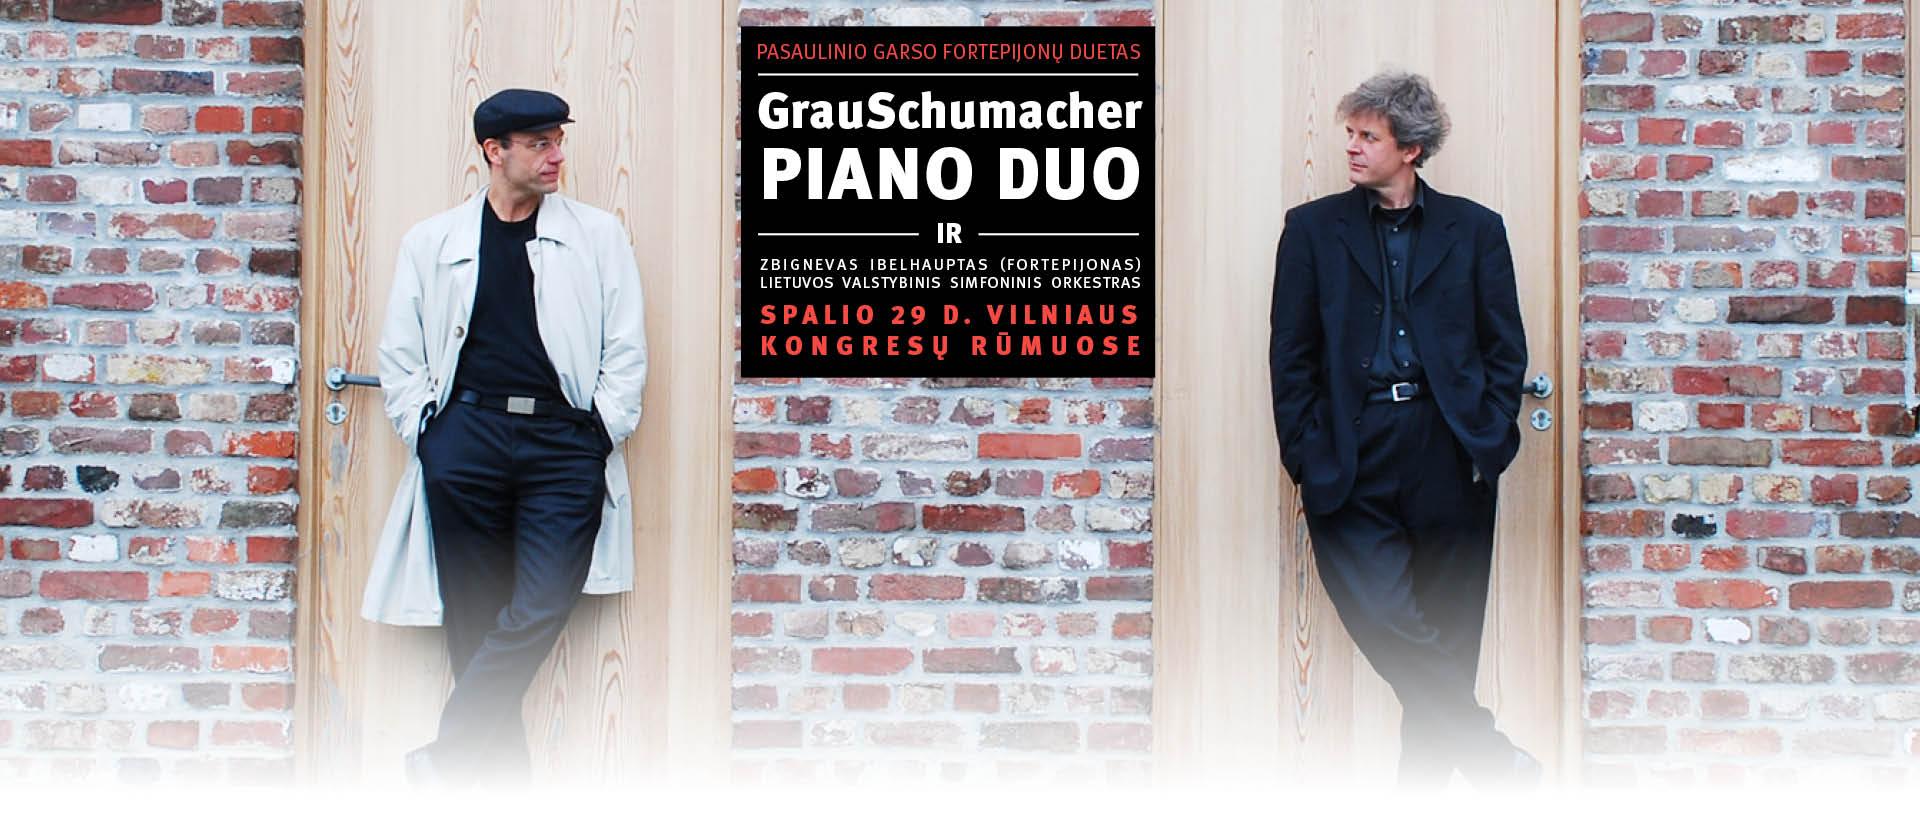 LVSO ir pasaulinio garso pianistų duetas GRAU & SCHUMACHER